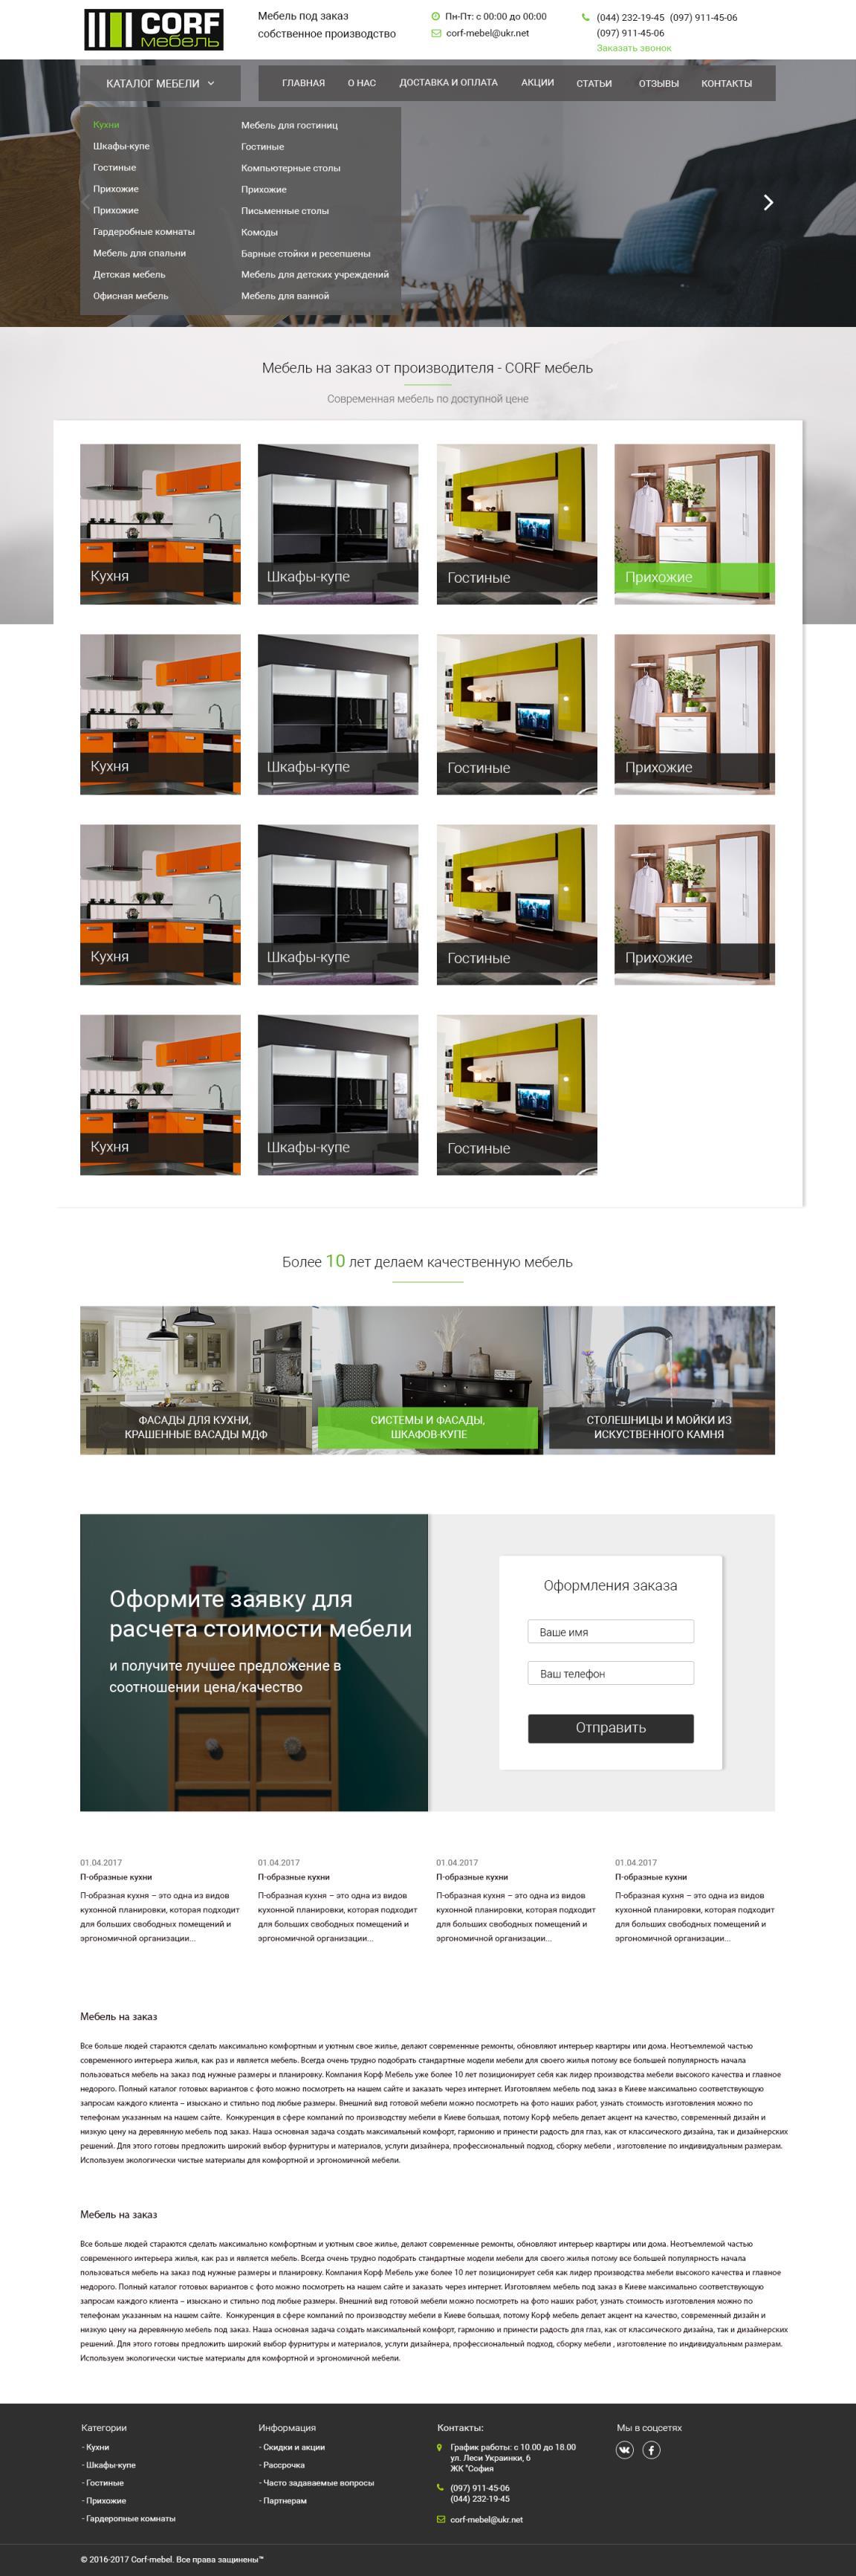 Создание сайта по продаже мебели